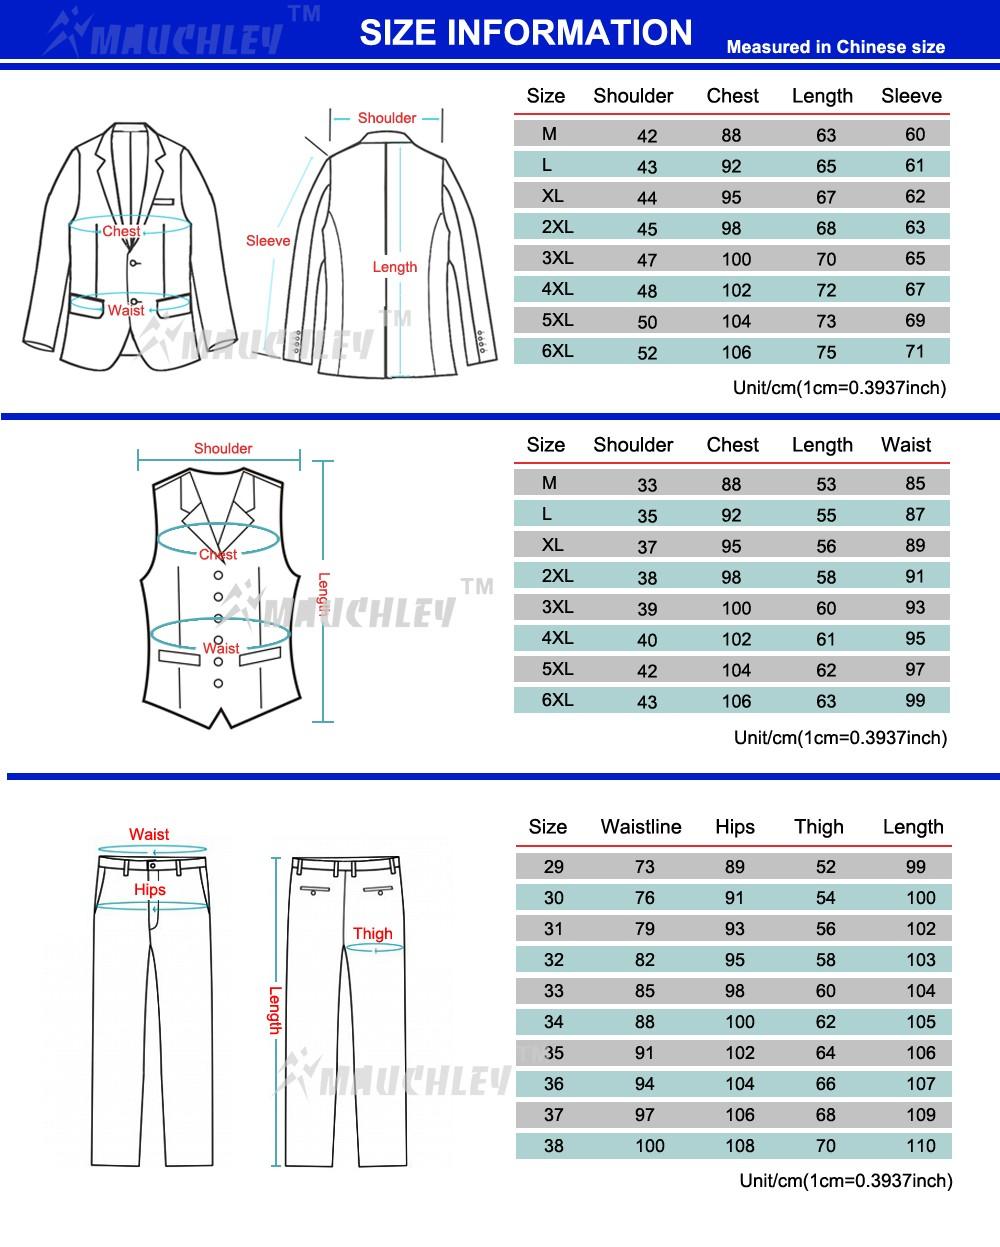 HTB1SRT4OFXXXXaJXFXXq6xXFXXXL - MAUCHLEY Prom Mens Suit With Pants Burgundy Floral Jacquard Wedding Suits for Men Slim Fit 3 Pieces / Set (Jacket+Vest+Pants)